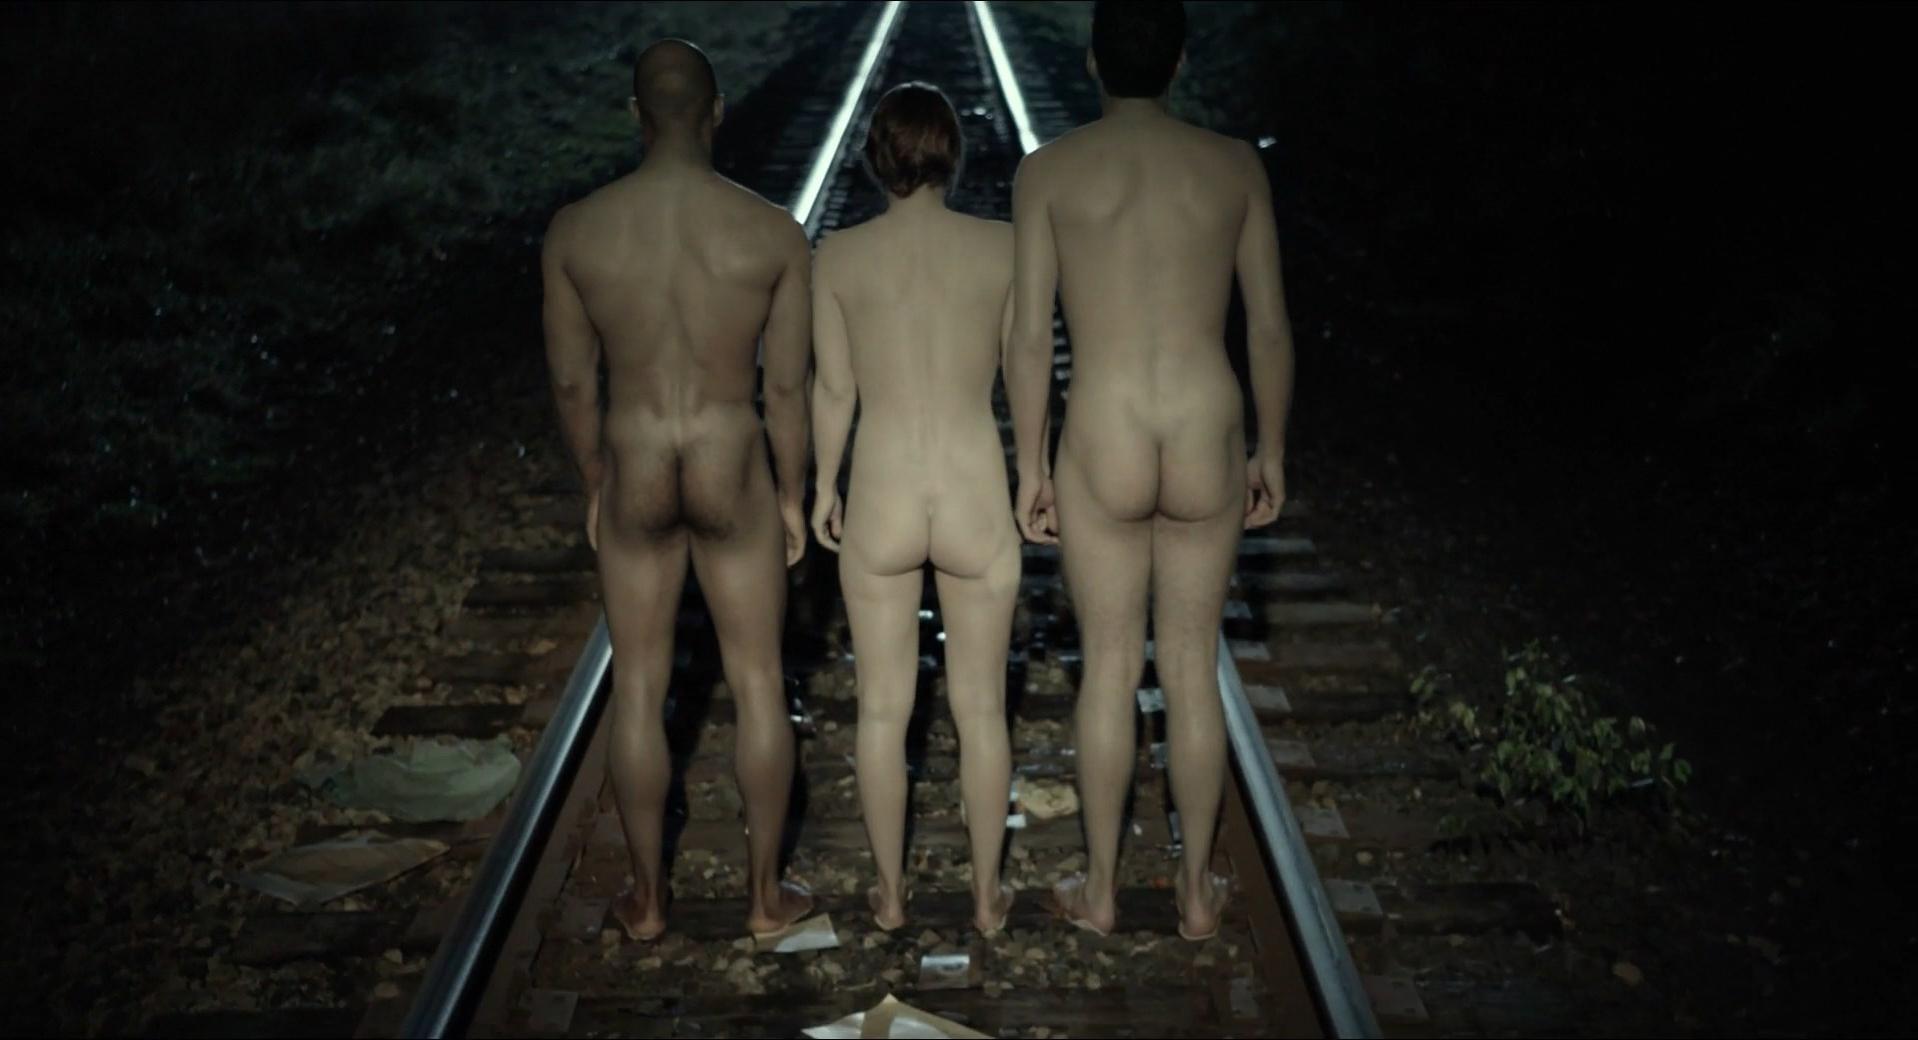 man to man nude